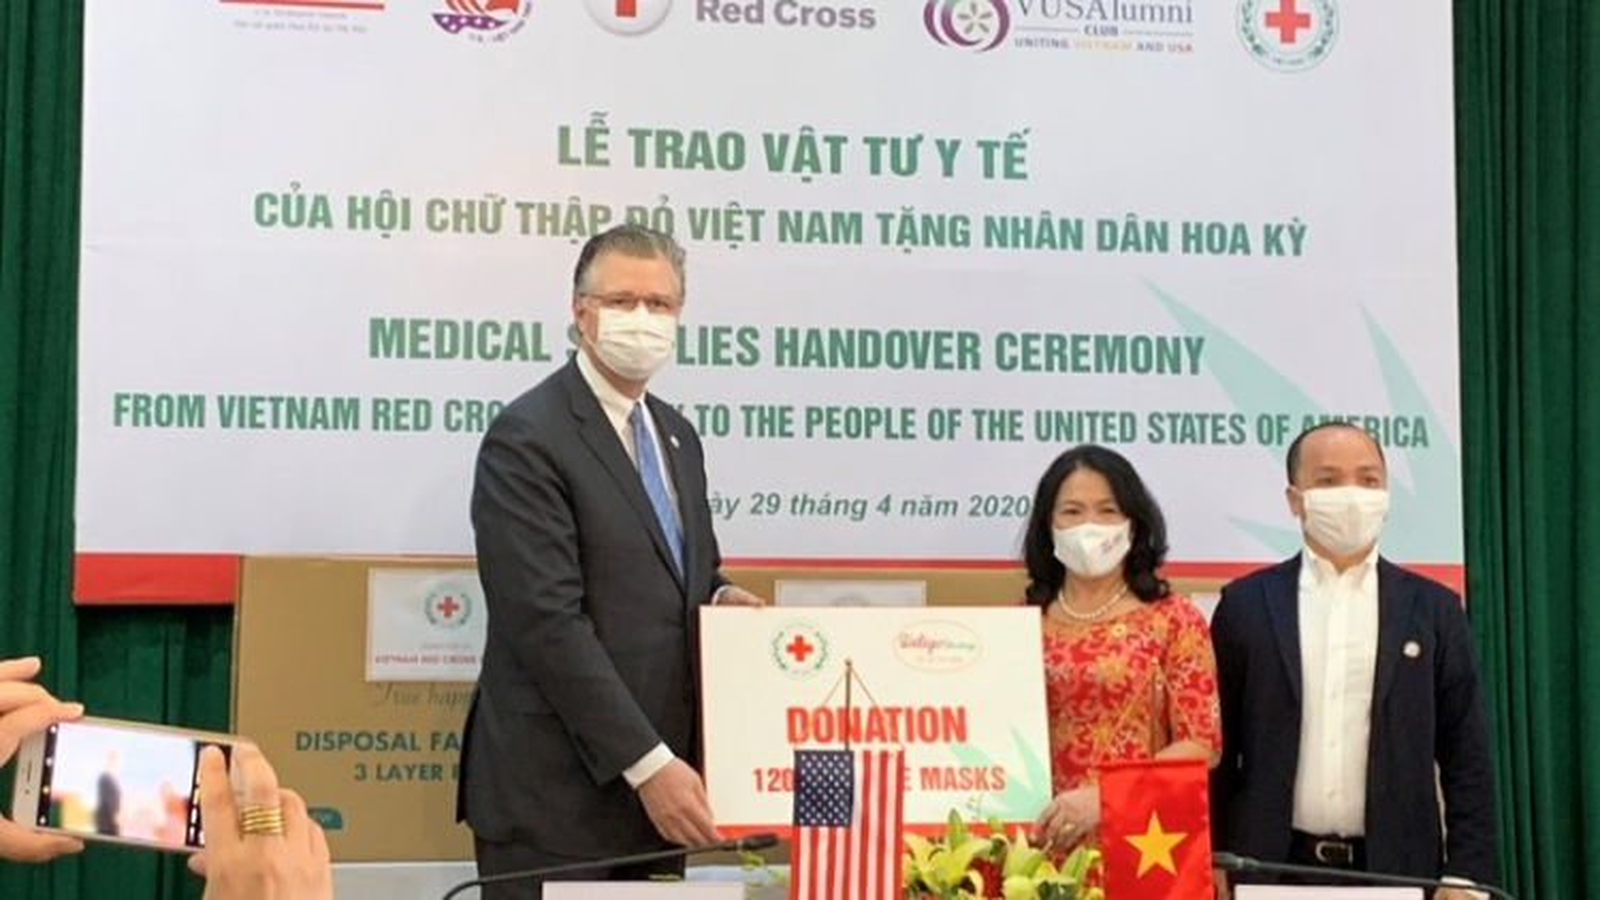 Hội Chữ thập đỏ Việt Nam trao tặng khẩu trang y tế cho Hoa Kỳ